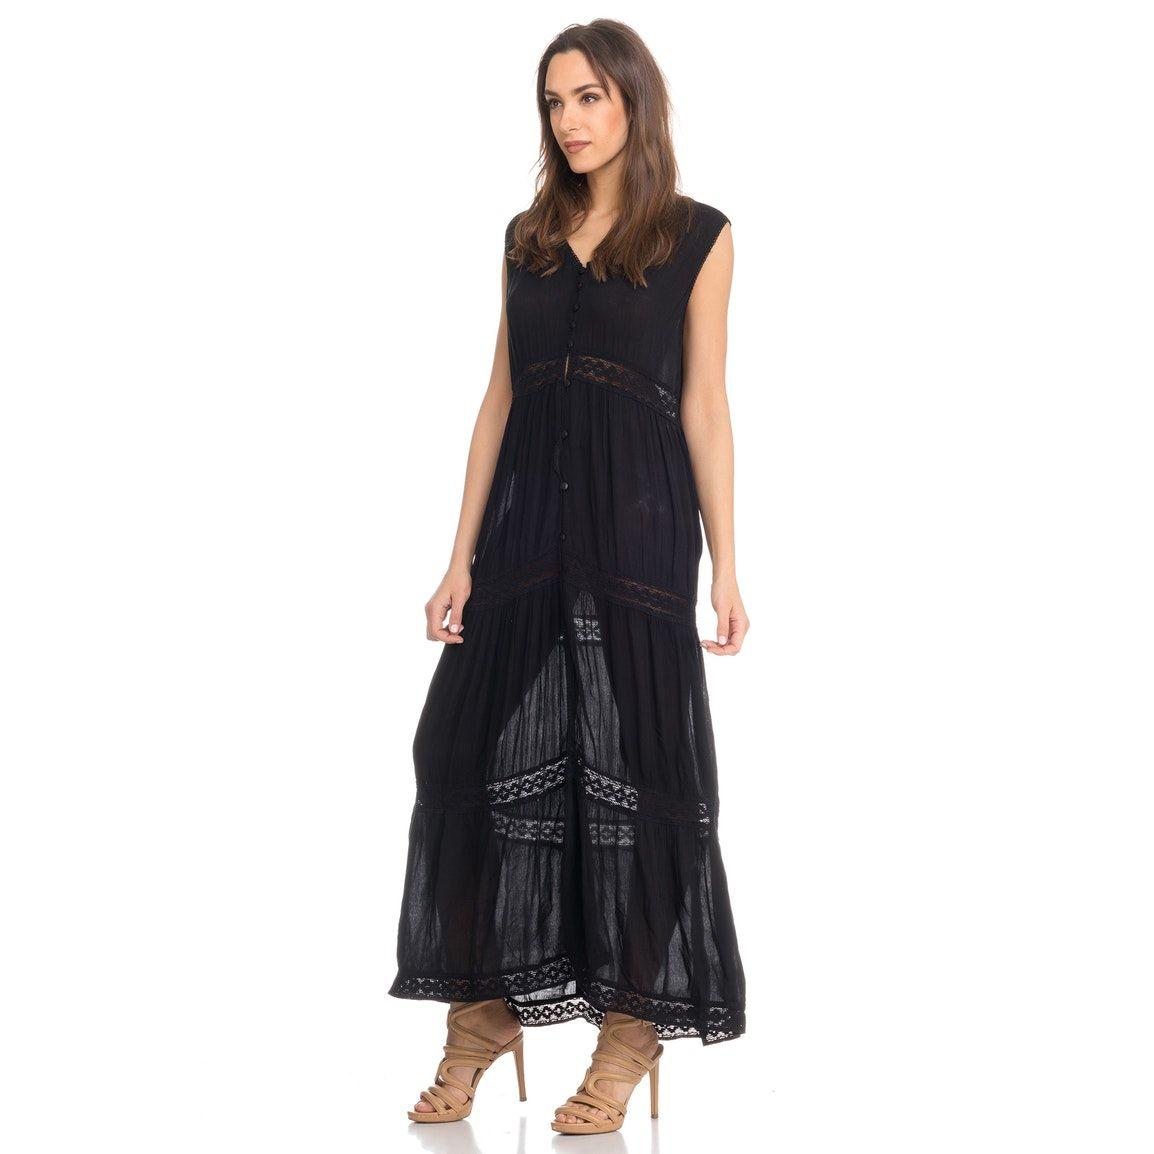 Vestito lungo nero da sera elegante - 75% di sconto 2719cbddc93